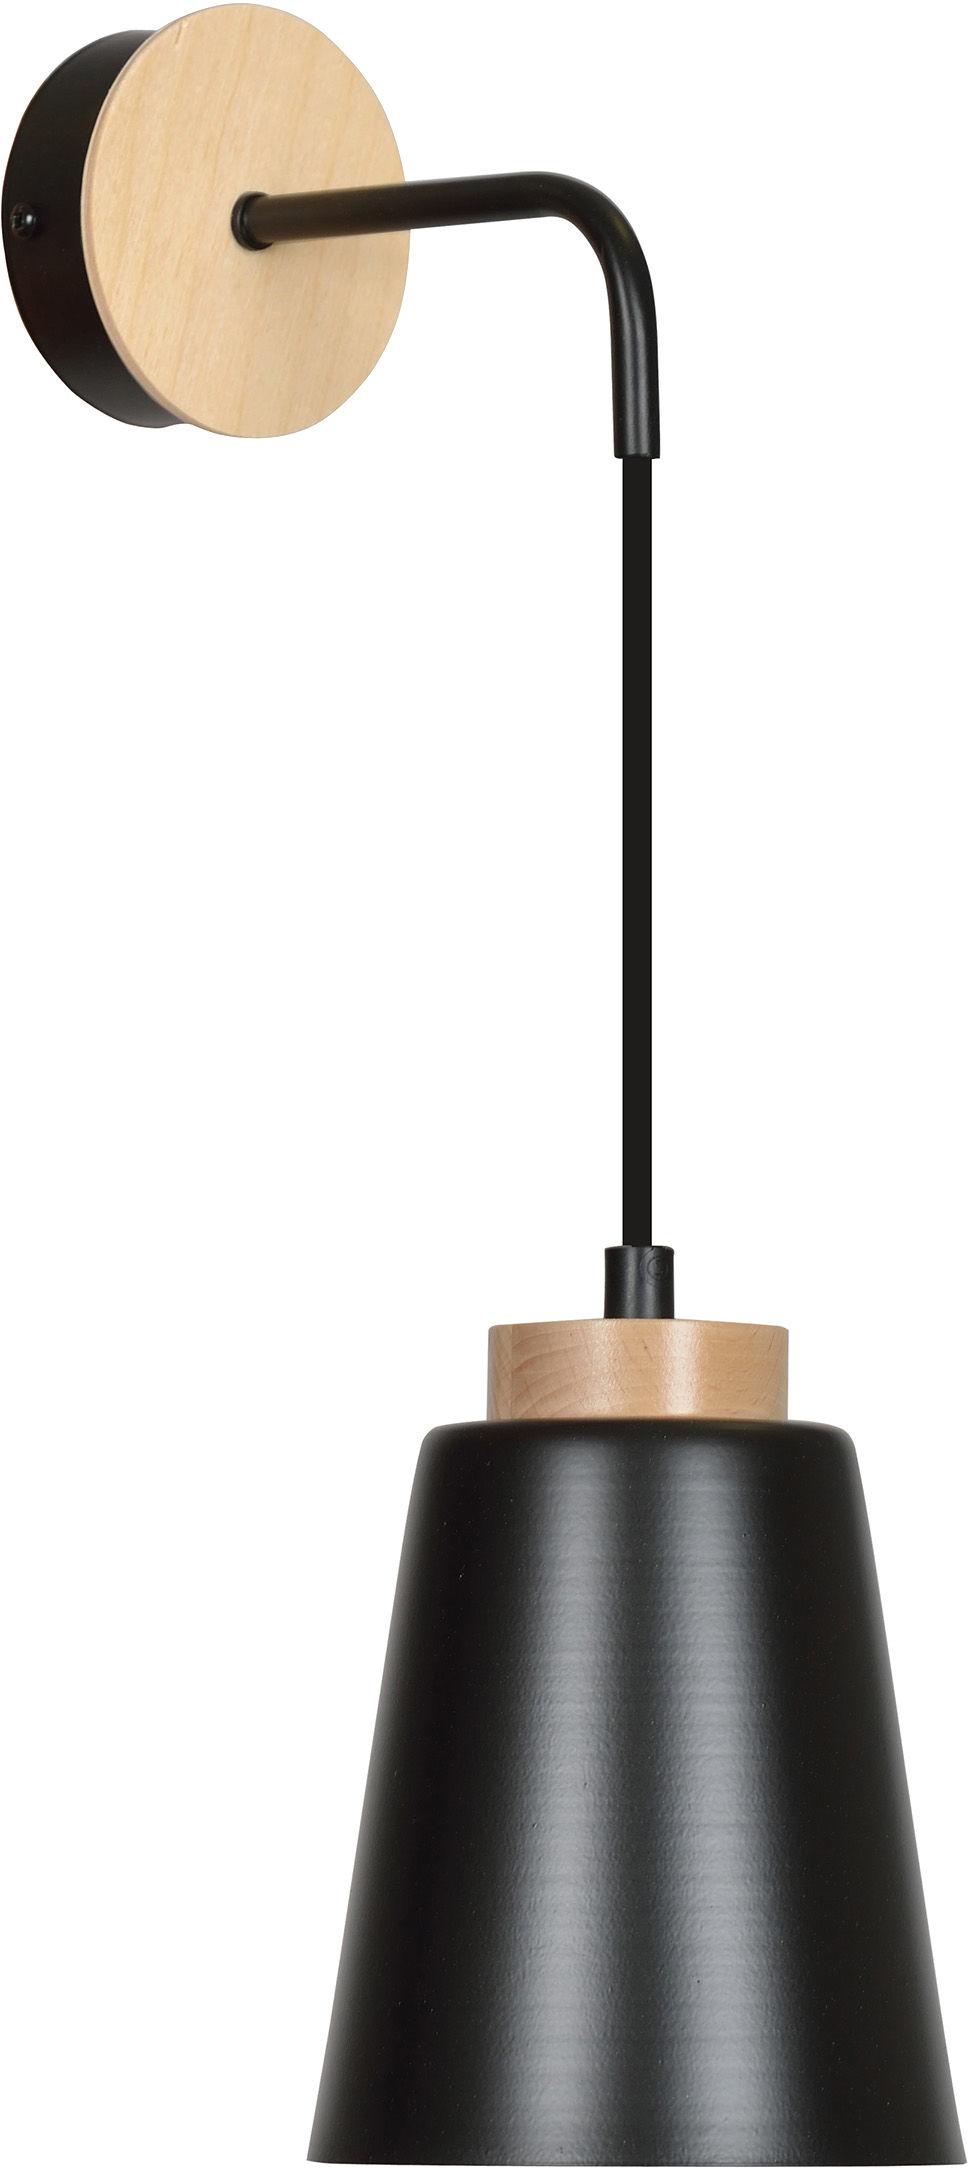 Emibig BOLERO K1 BLACK 442/K1 kinkiet lampa ścienna styl skandynawski drewno czarny 1x60W E27 14cm